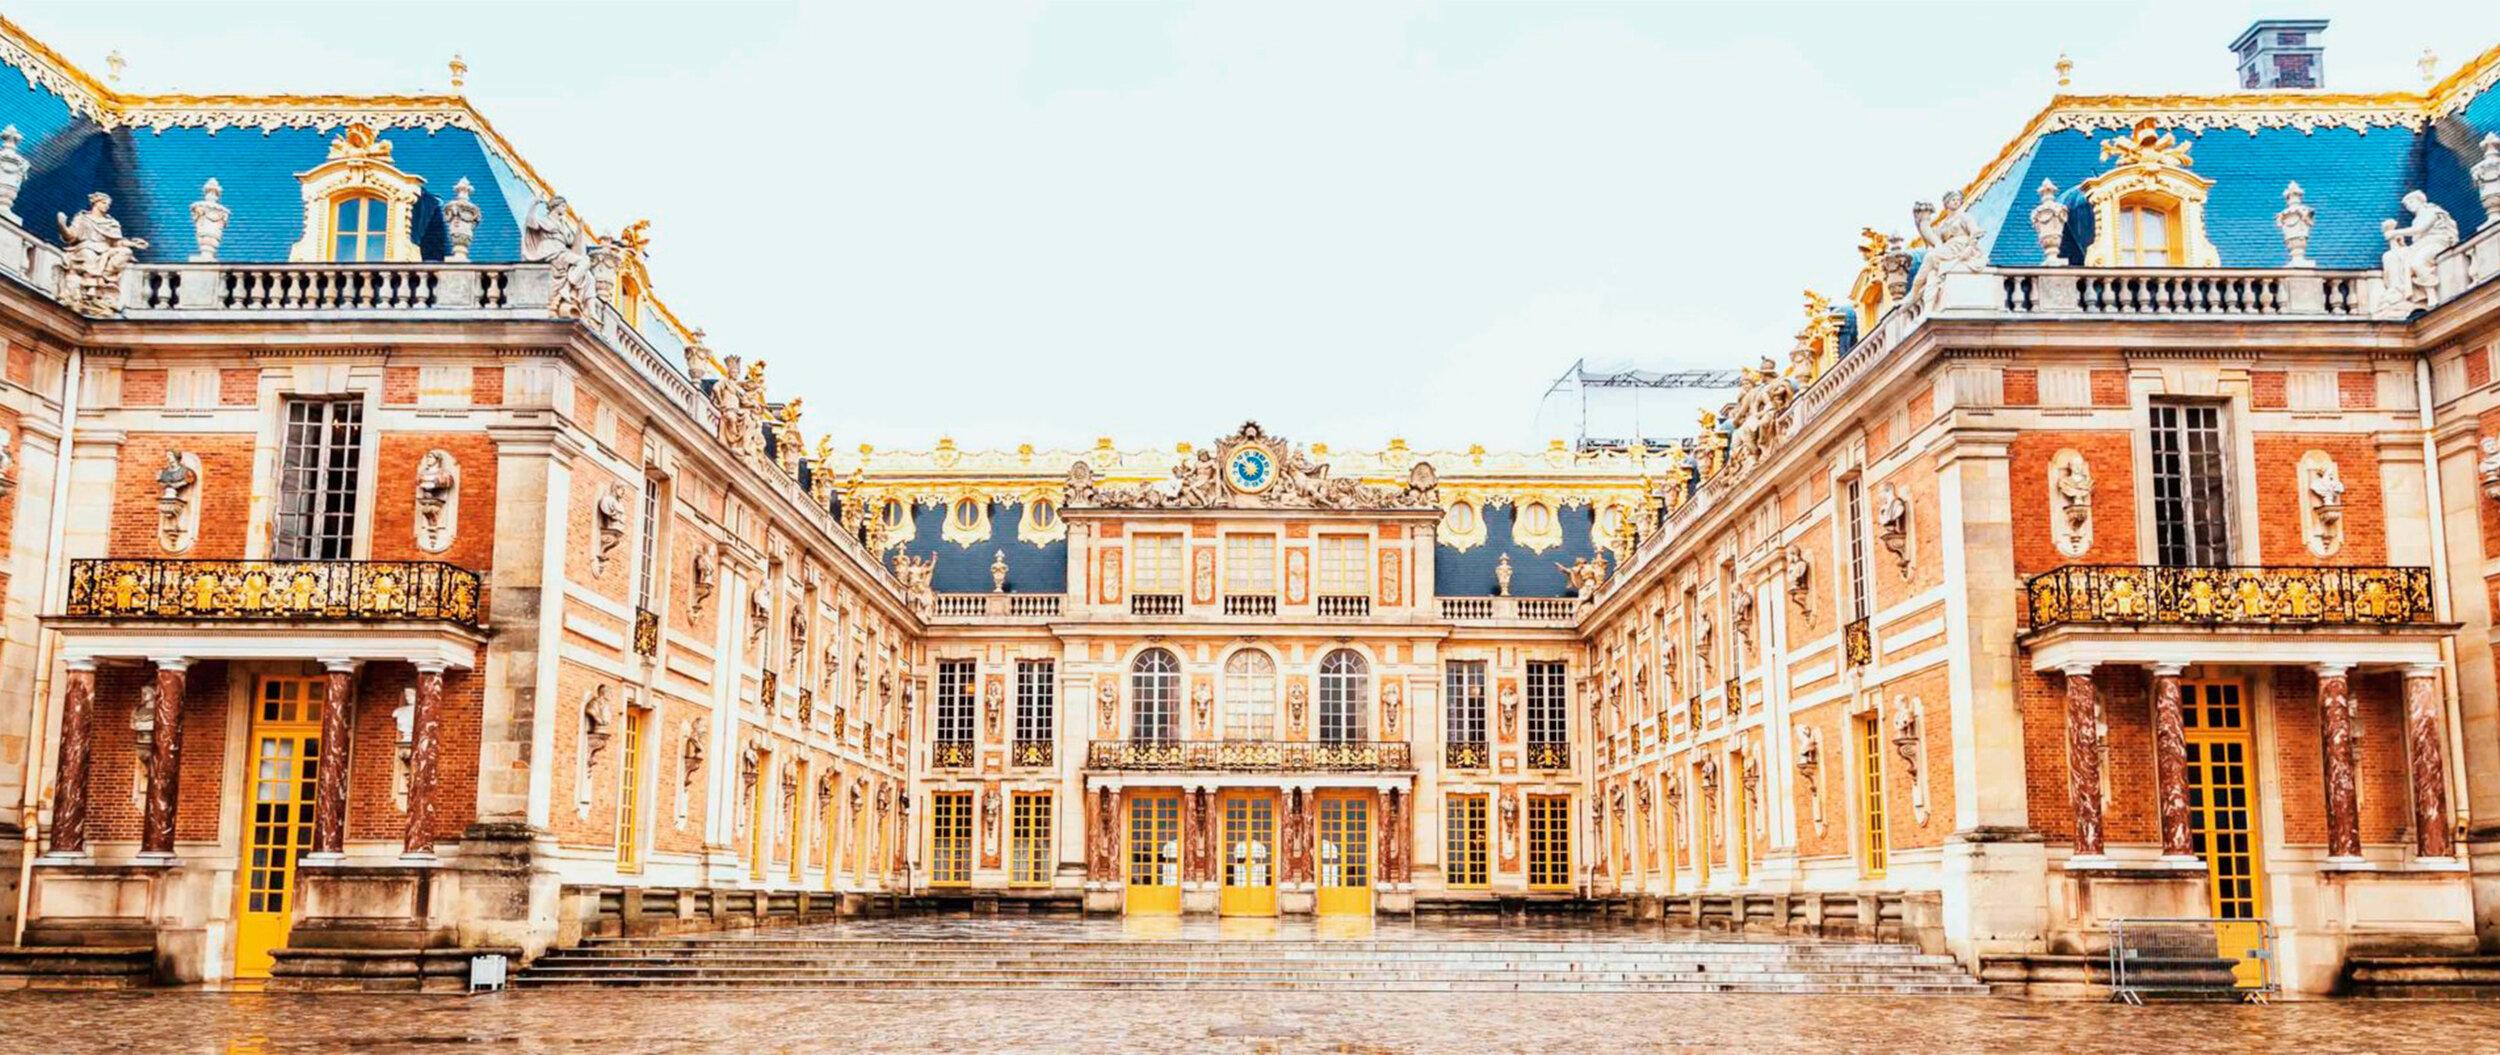 10- Palácio de Versalhes -